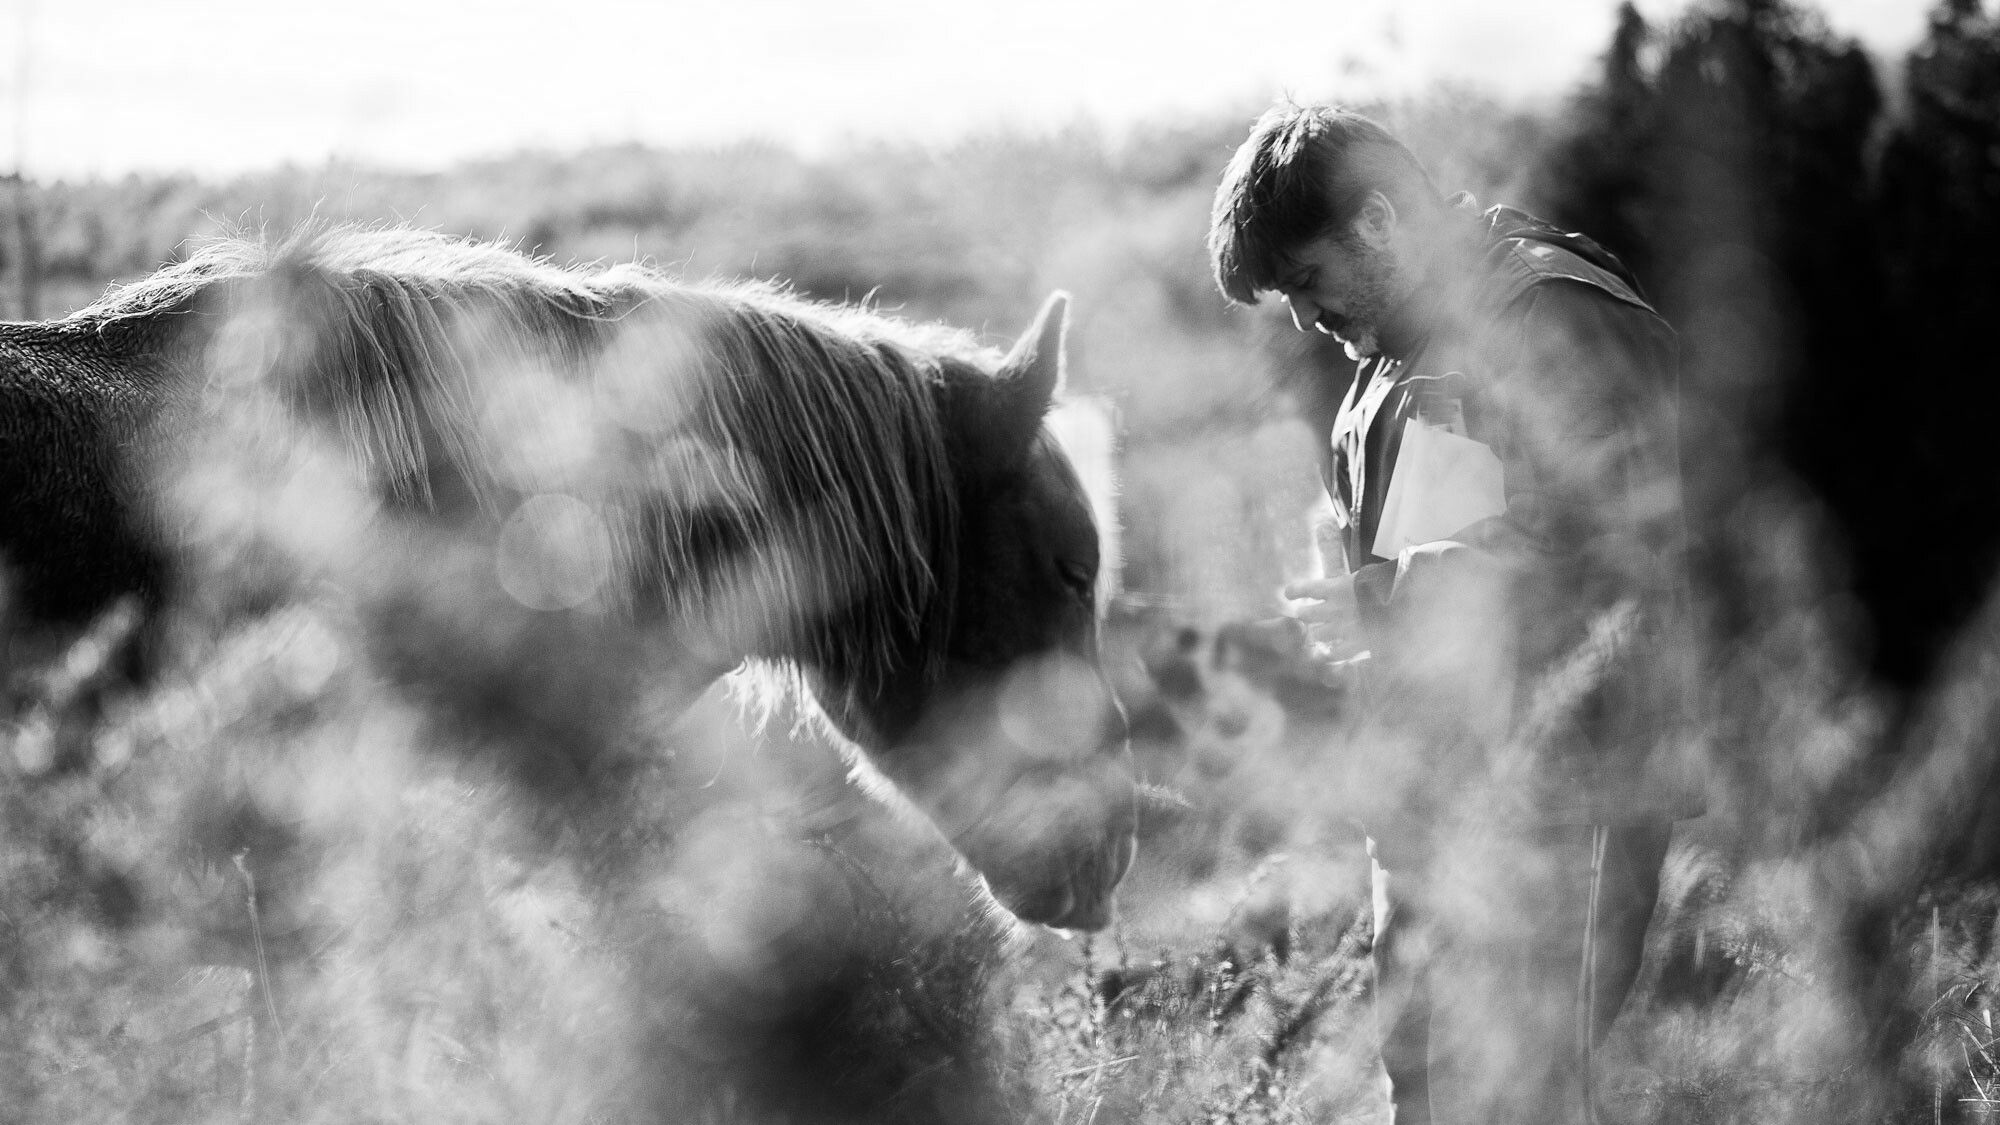 Hay momentos en los que para de llover y podemos disfrutar de lo que nos rodea. Contacta con nosotros en vpvweddings.com    #vpvweddings #vpv #lasnoviasdevpv #noviasvpv #coruña #videosdeboda #cinedebodas #videografosdeboda #videografosencoruña #igerscoruna #igersgalicia #galiciacalidade #gettingready #instagood #caballos #horse